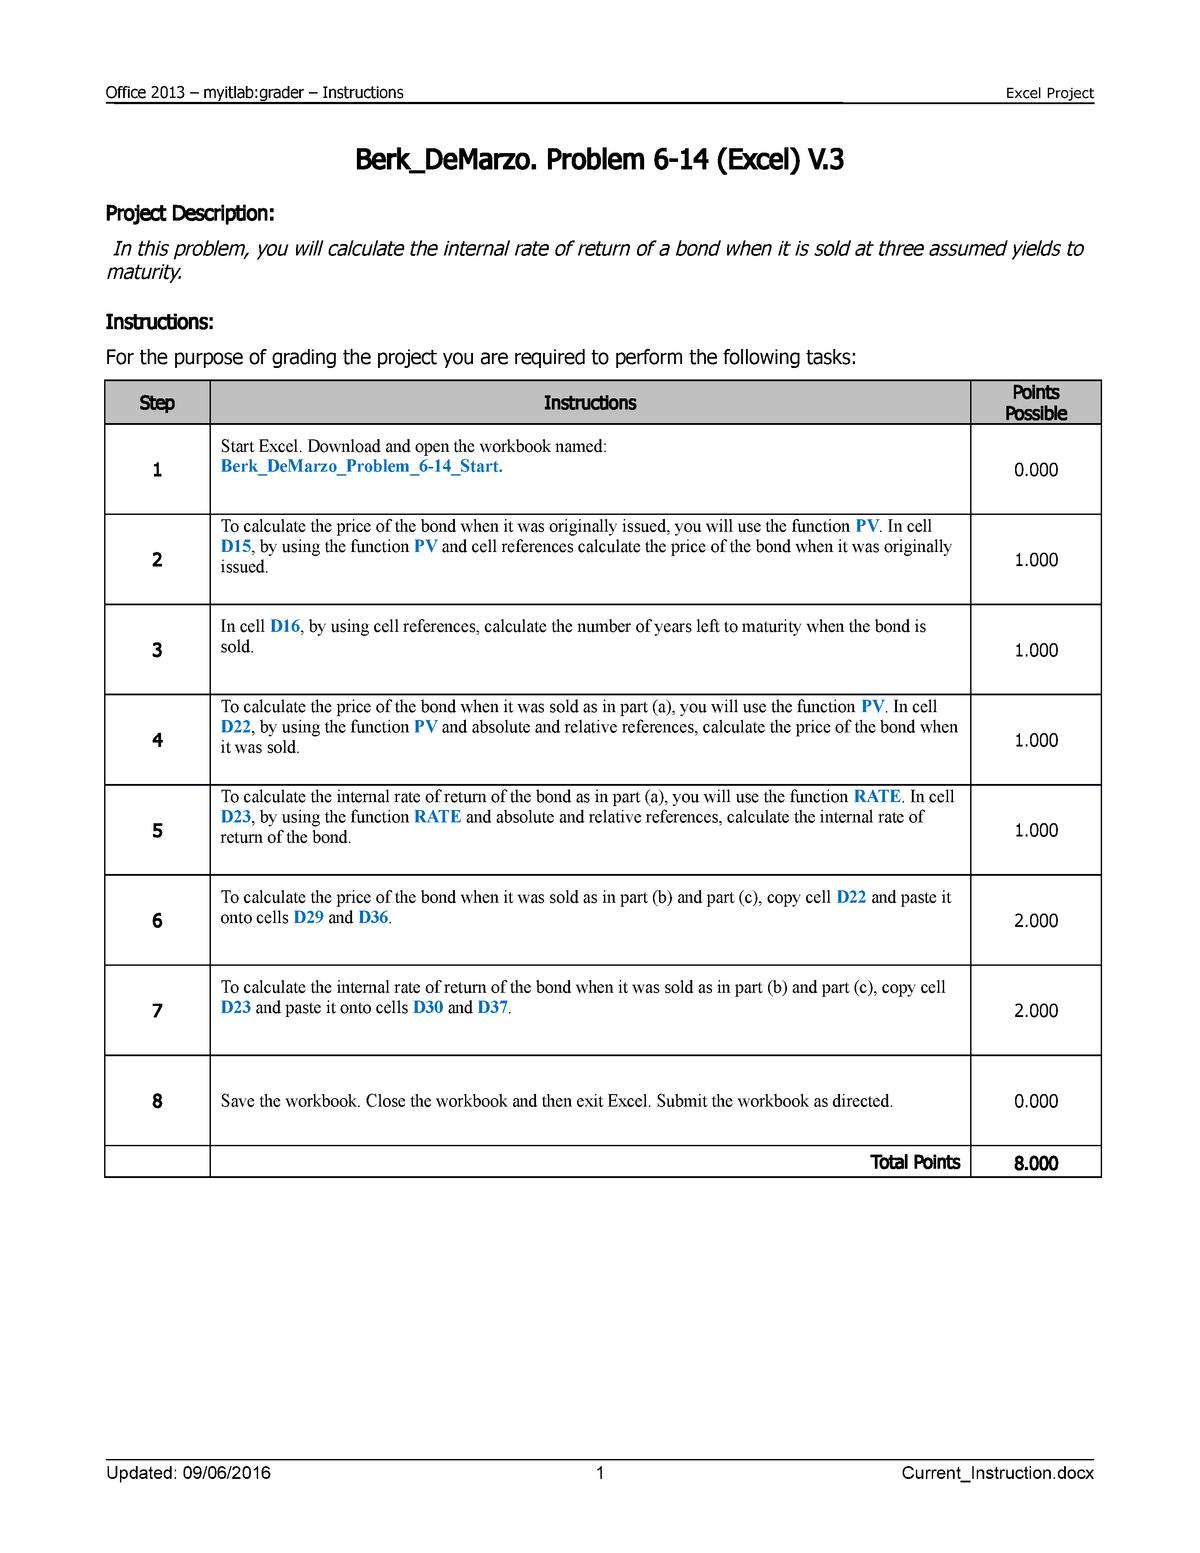 Berk De Marzo Problem 6-14 Excel V3 Instructions - FINA 6604